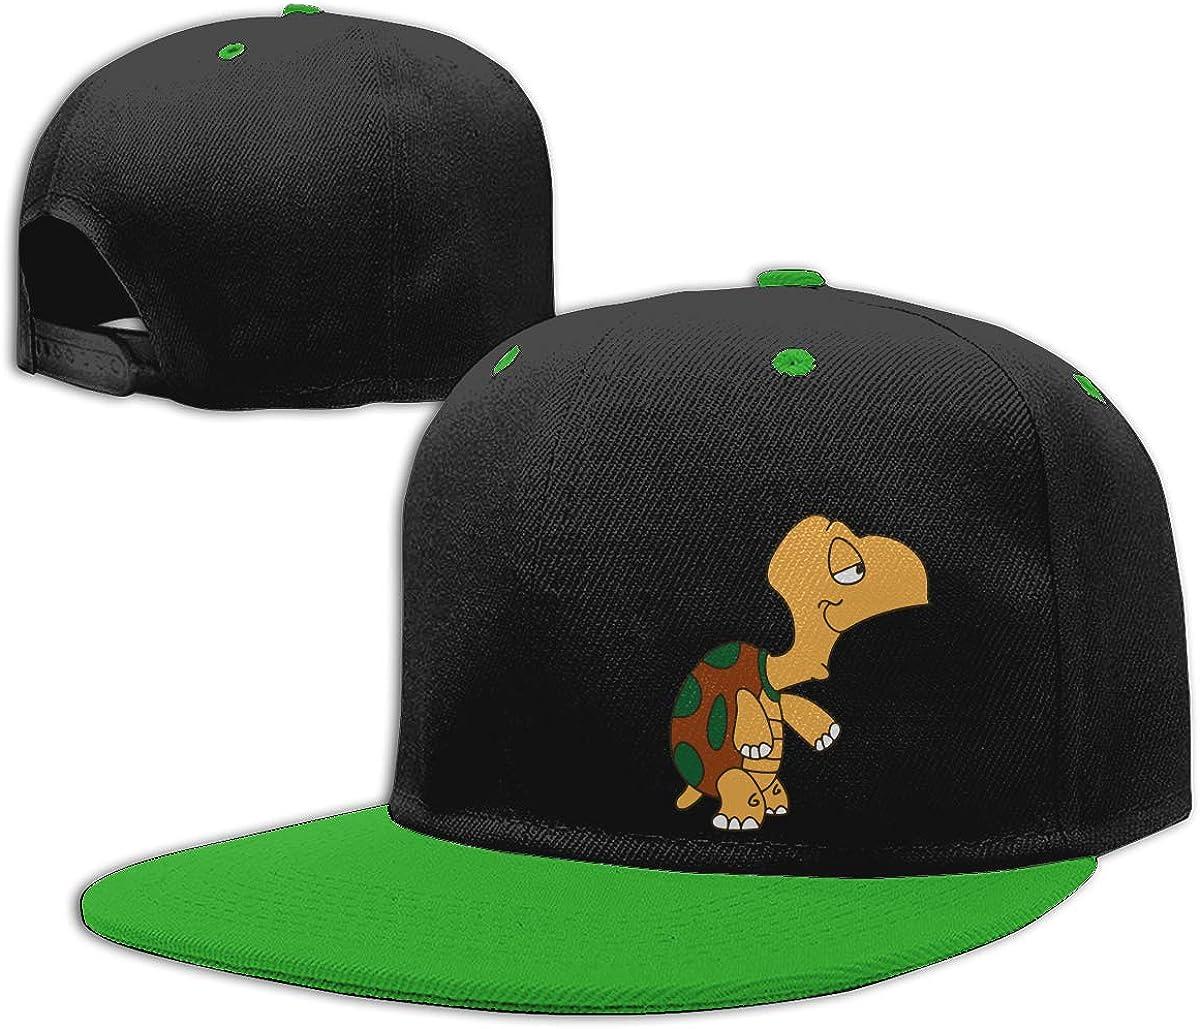 2 Women Men Punk Rock Cap Classic Flat Bill Baseball Caps Cartoon Turtle